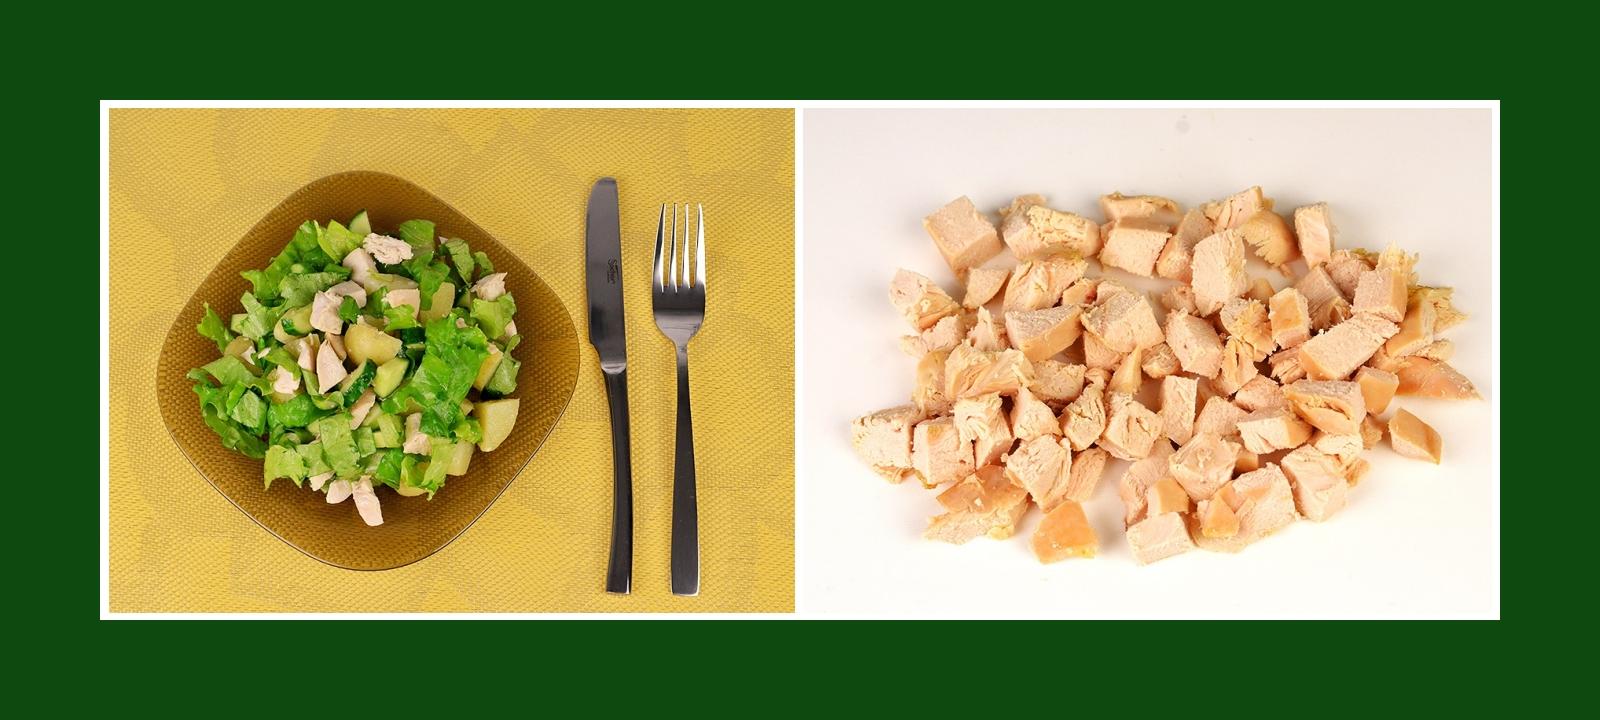 Grüner Salat mit Hähnchenfleisch